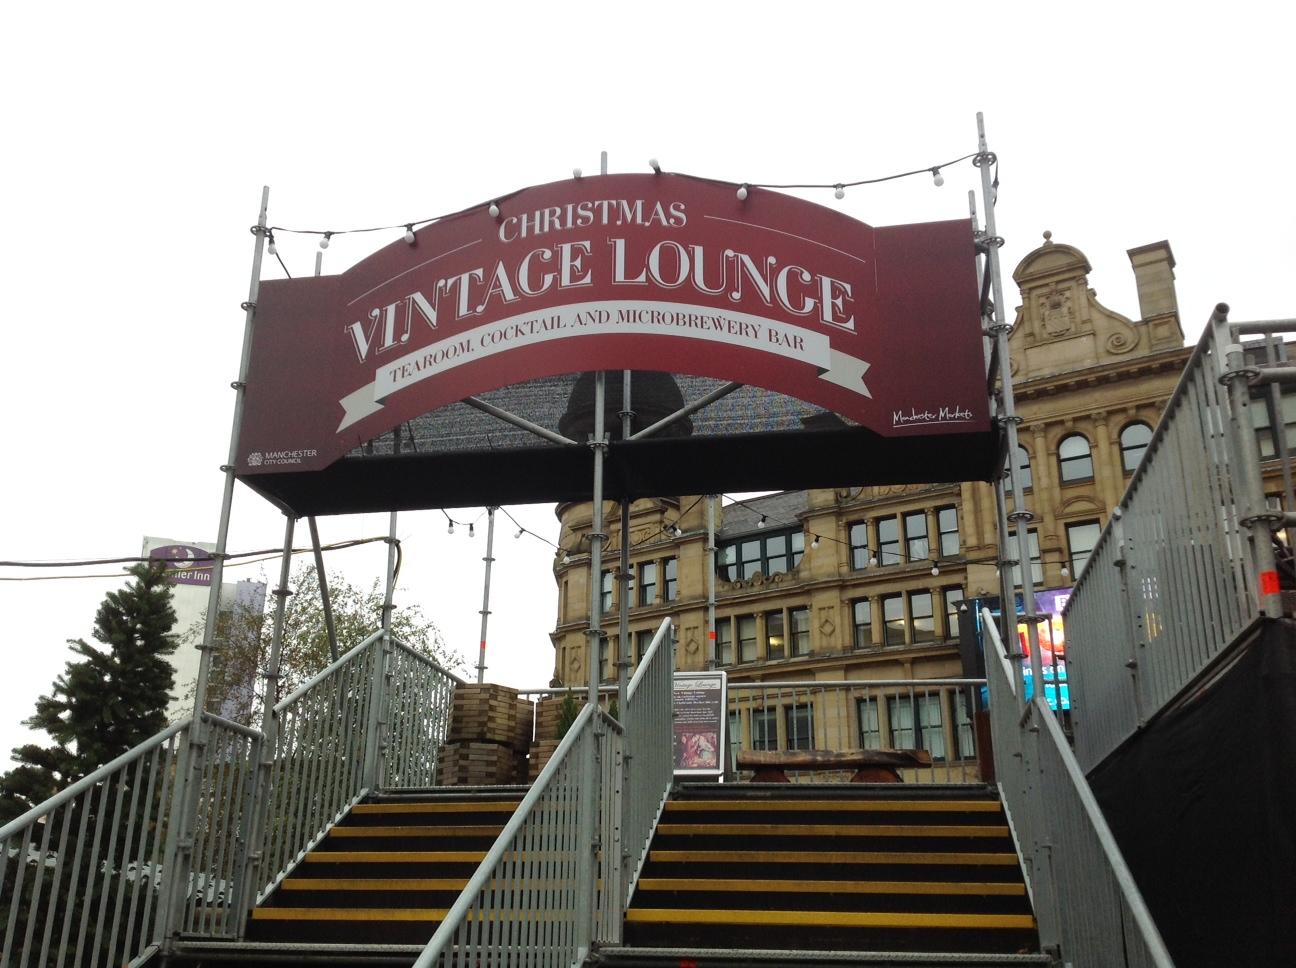 Christmas Vintage Lounge